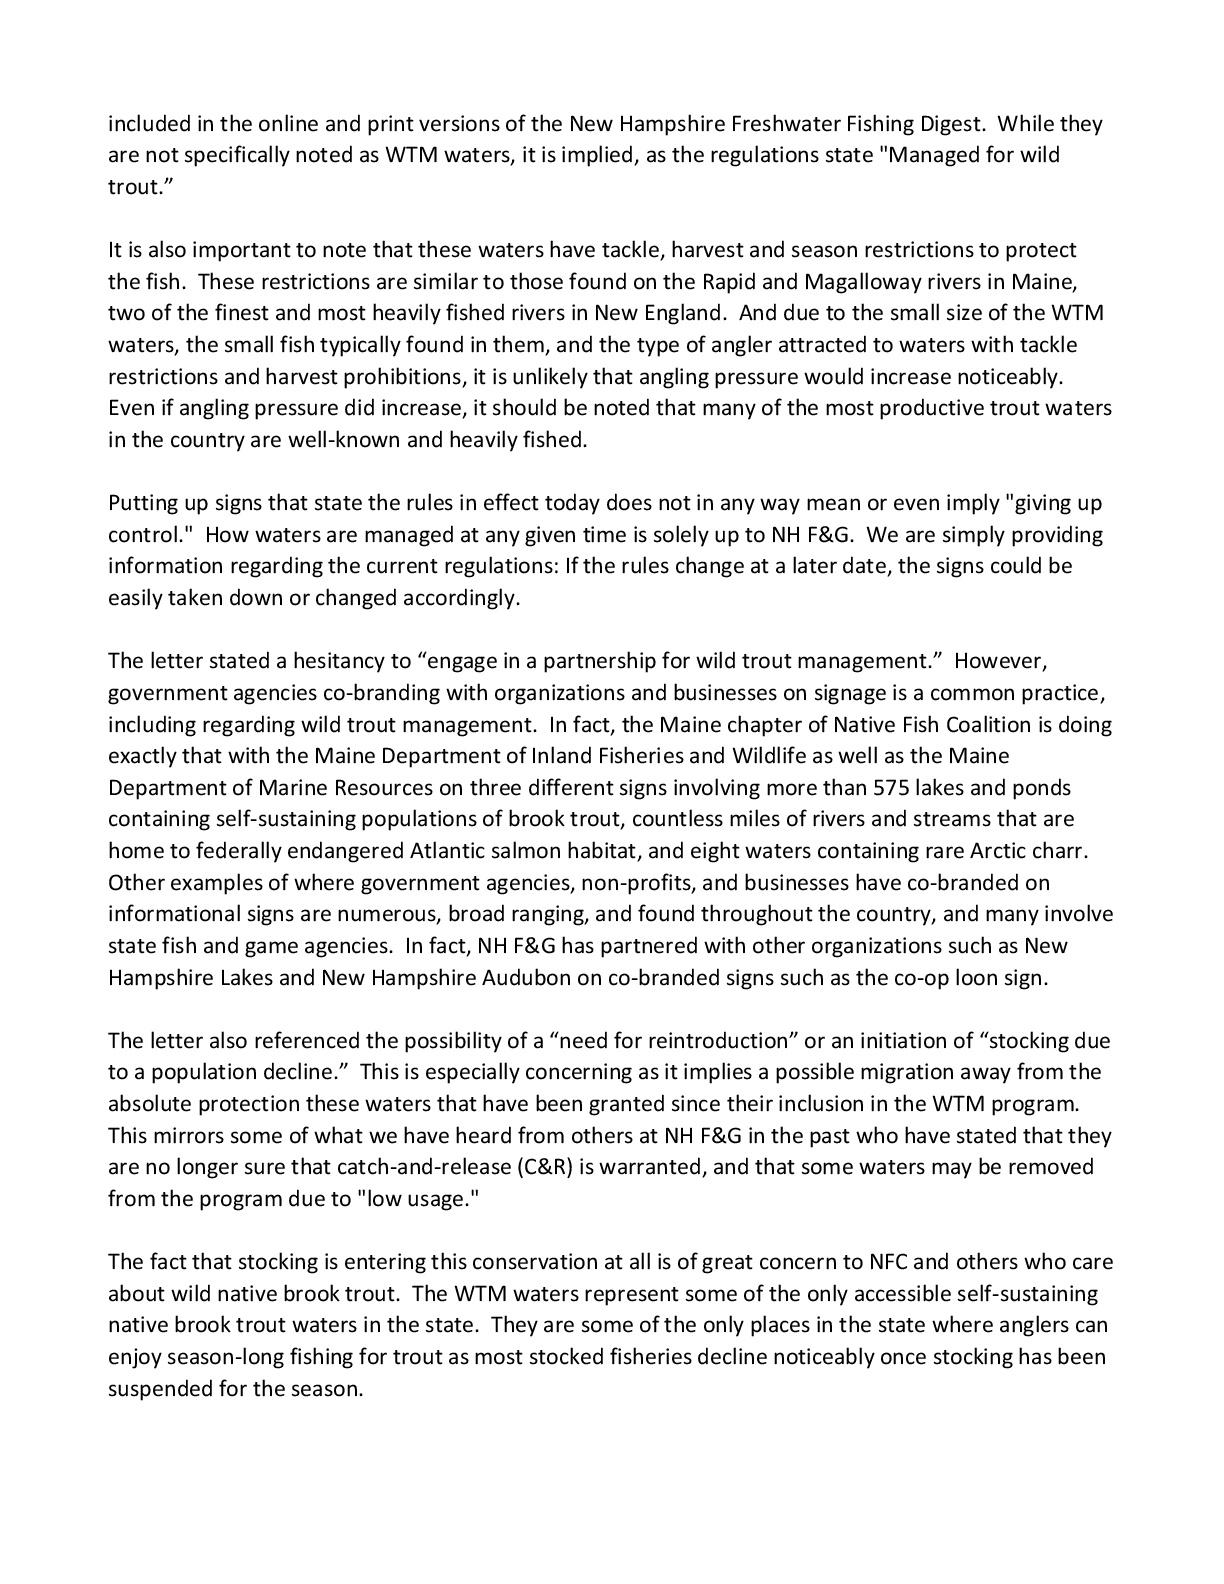 Native-Fish-Coalition-(Response-to-NH-FG)-002.jpg